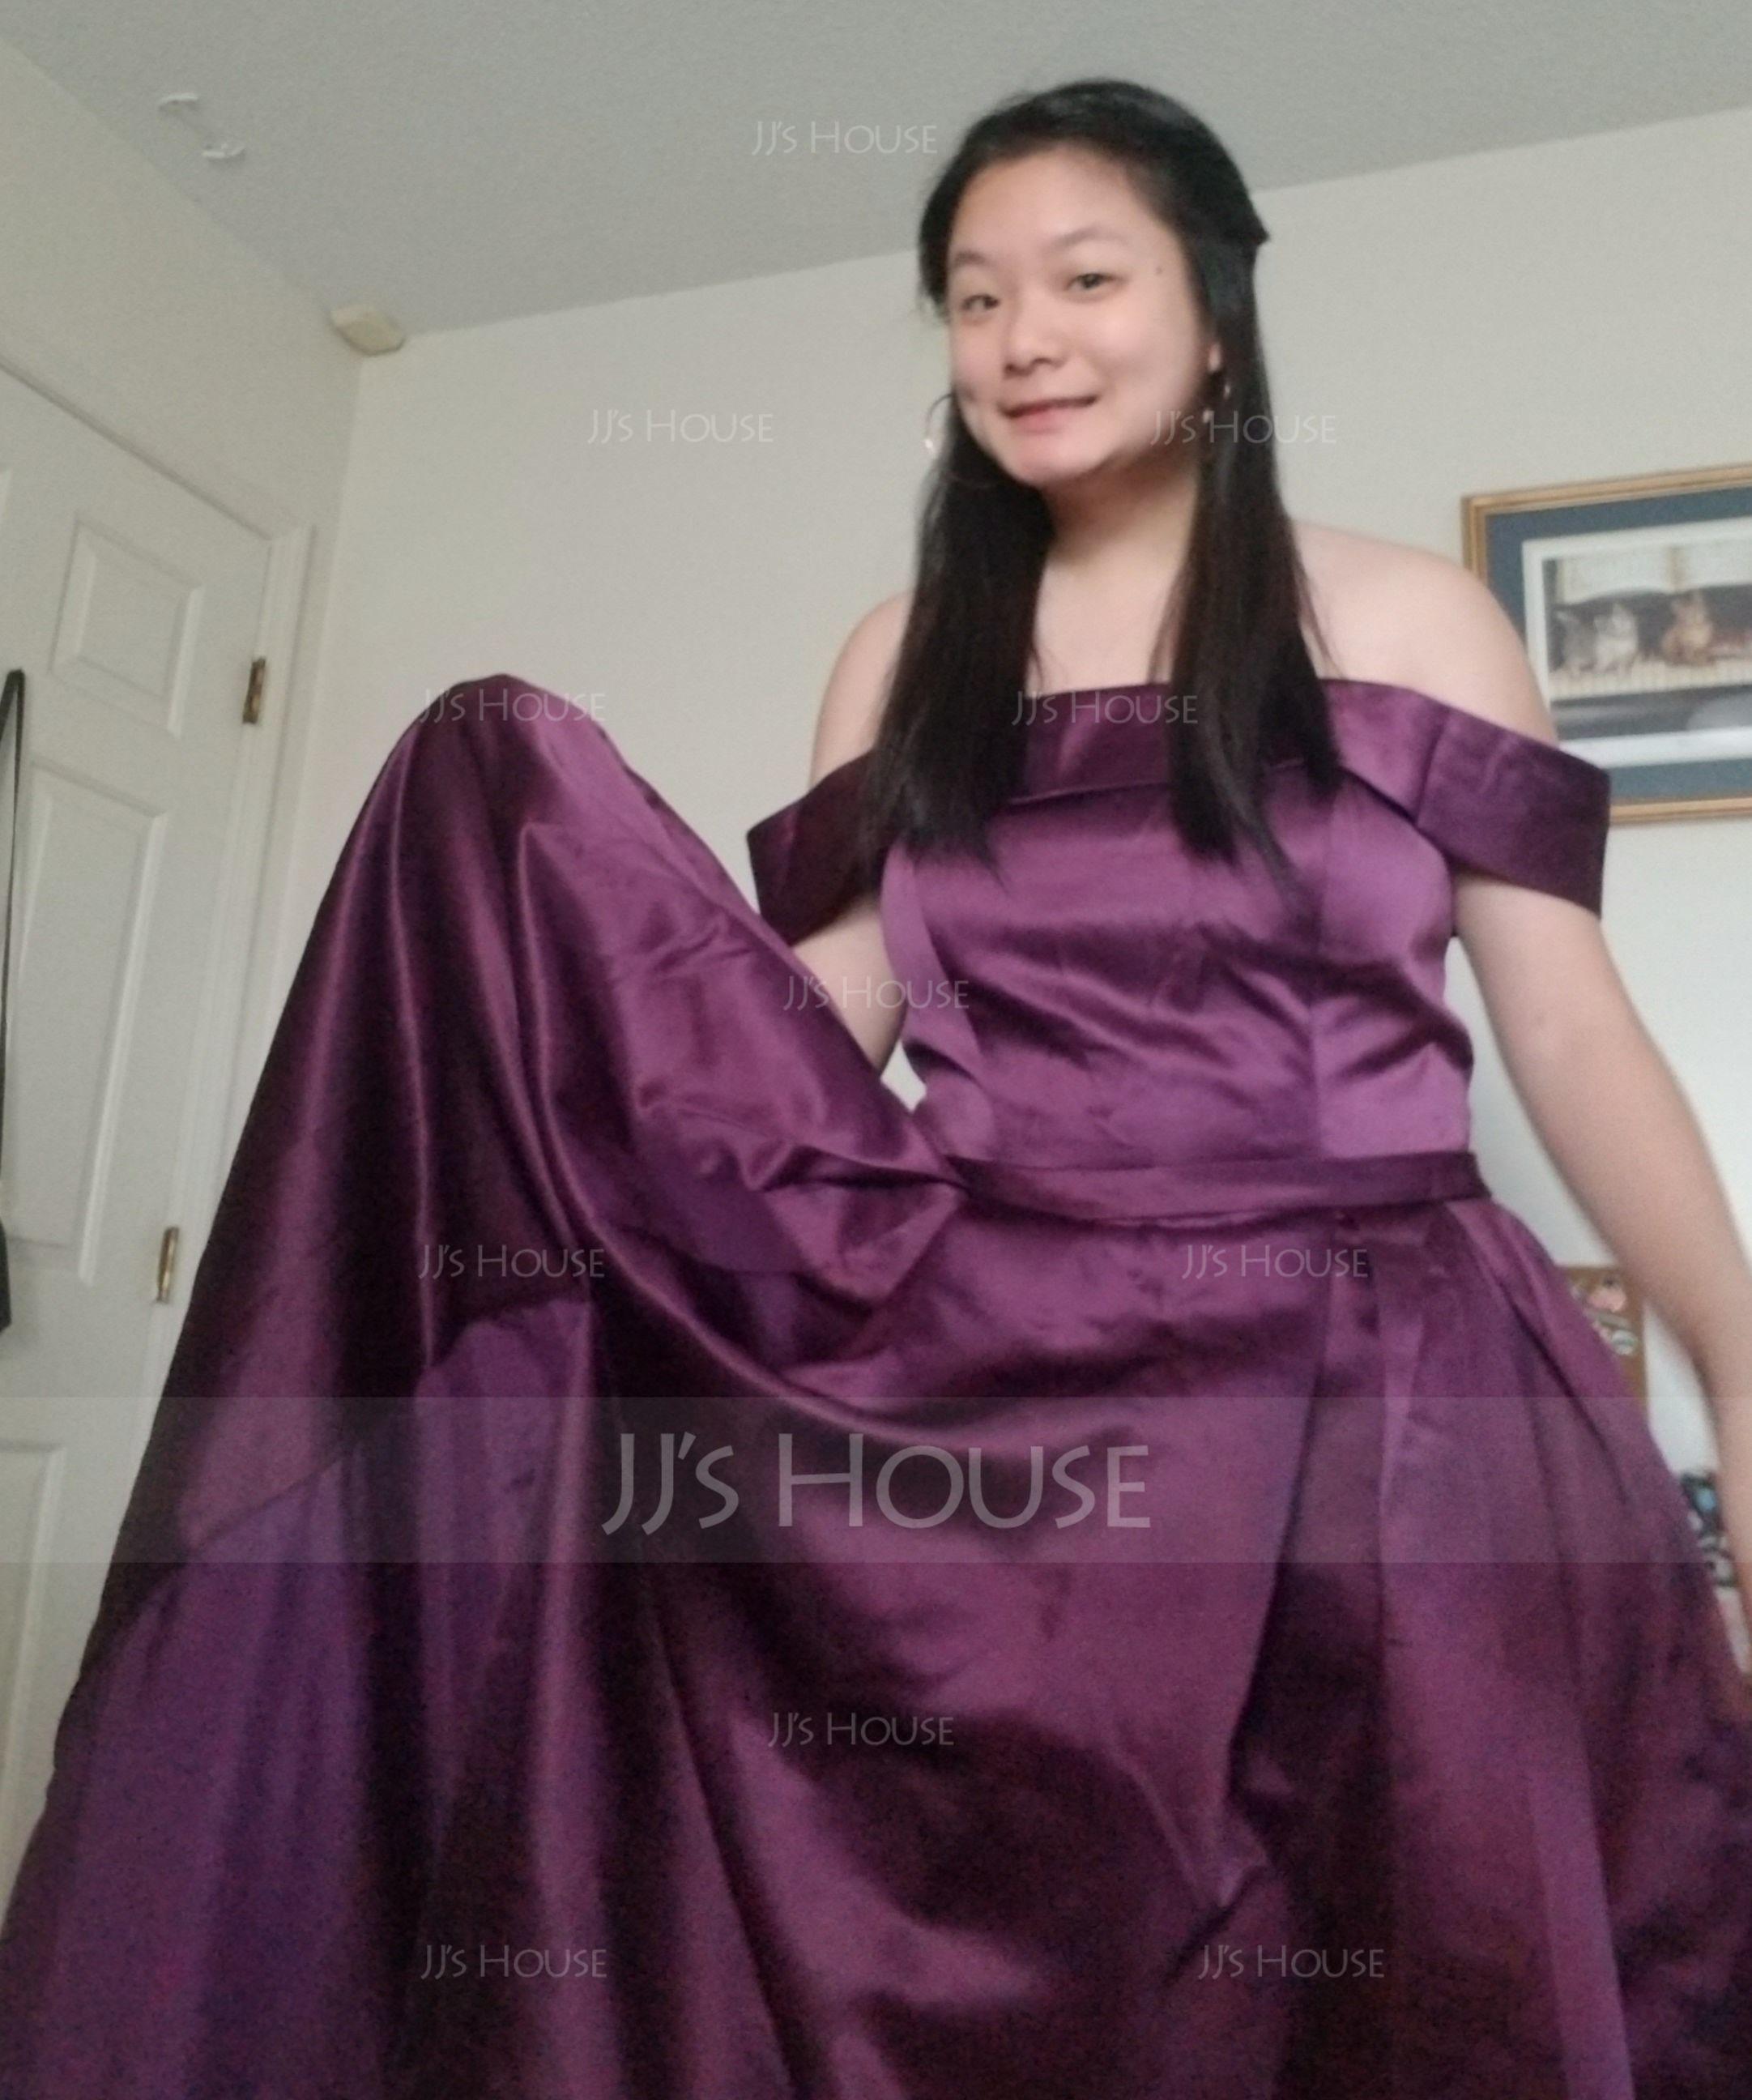 A-Line Off-the-Shoulder Floor-Length Satin Prom Dresses With Split Front Pockets (018220243)